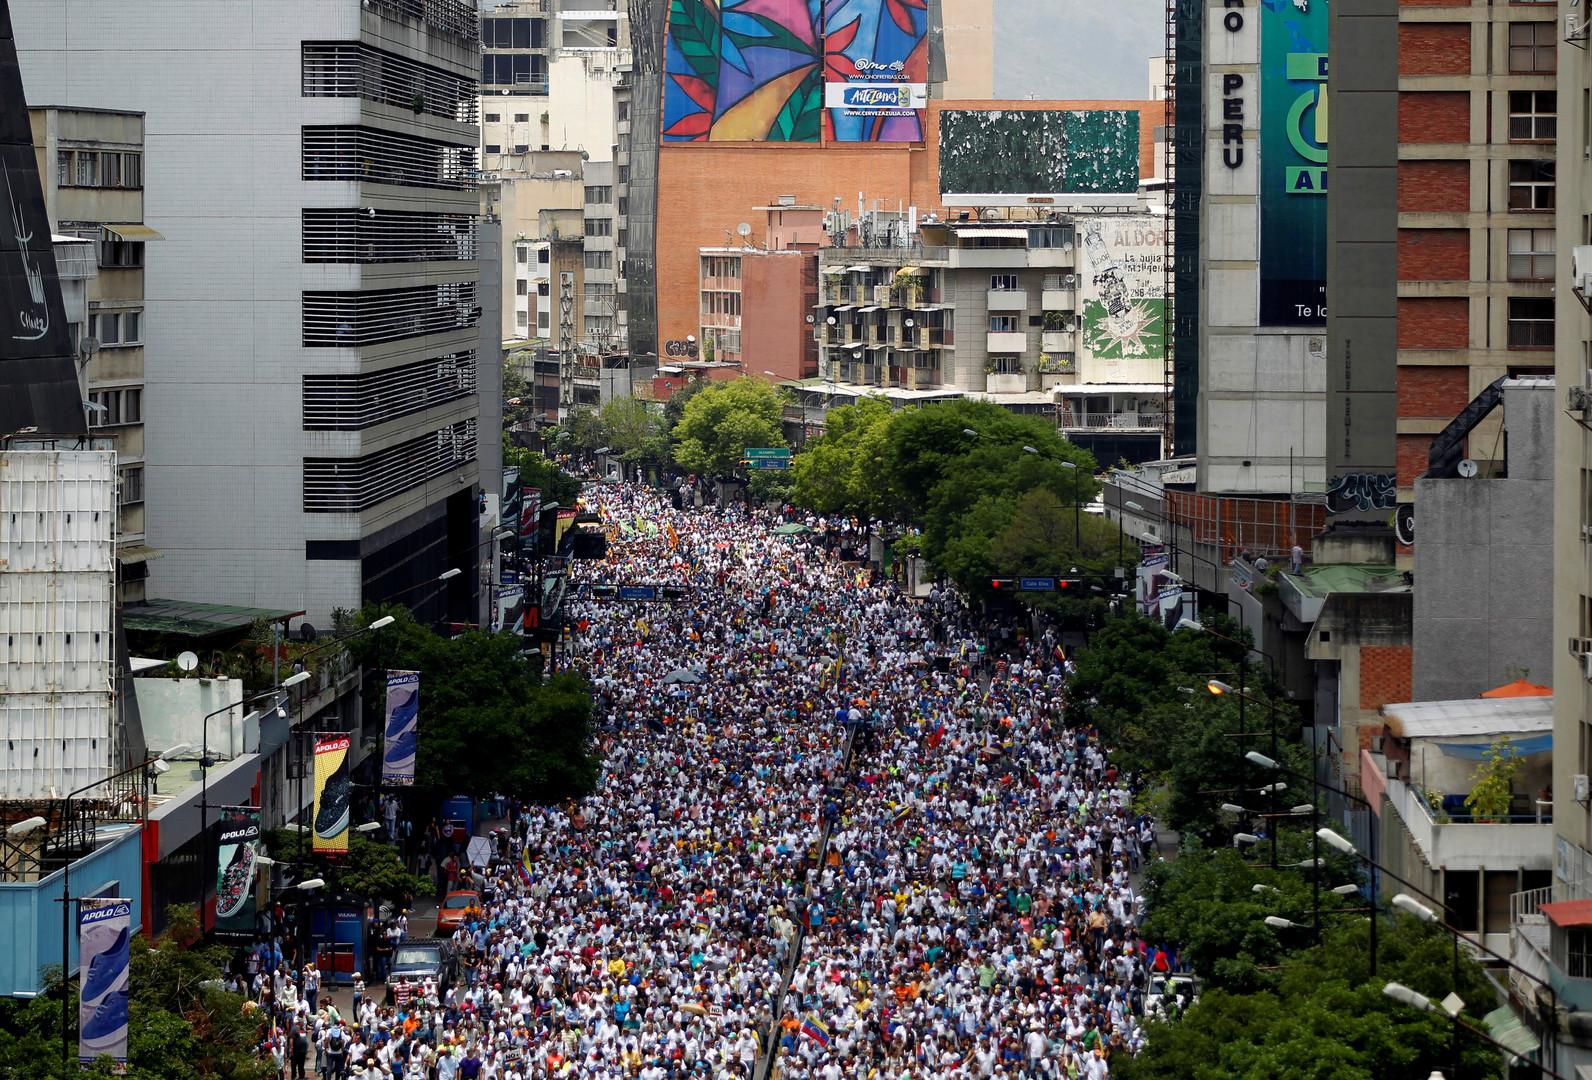 Massendemonstrationen und Gewalt in Caracas: Ein venezolanischer Maidan?